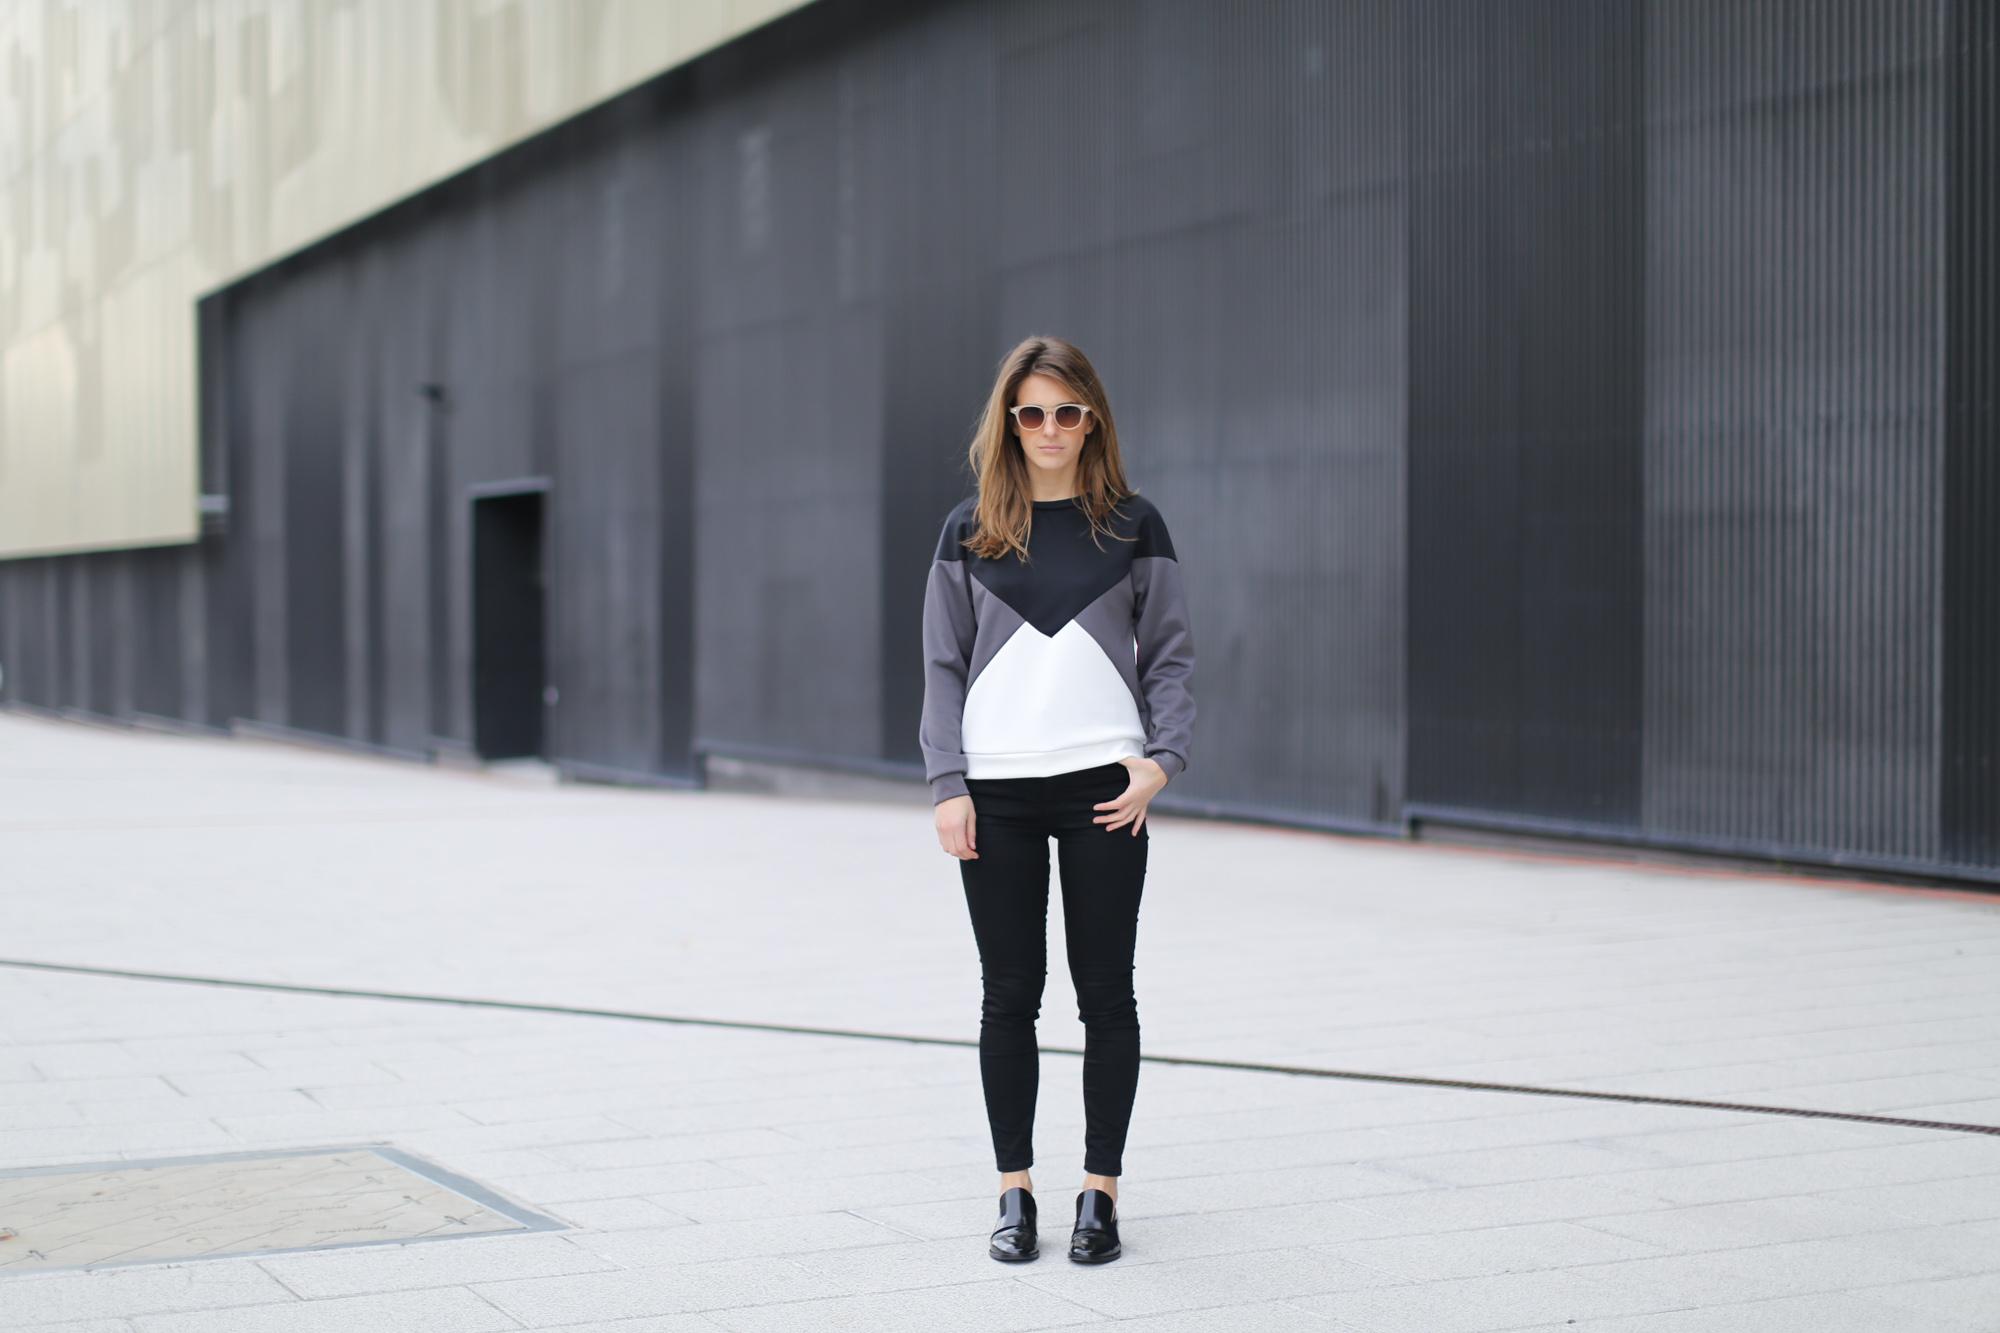 Clochet-streetstyle-suiteblanco-neoprene-sweatshirt-lykke-li-loafers